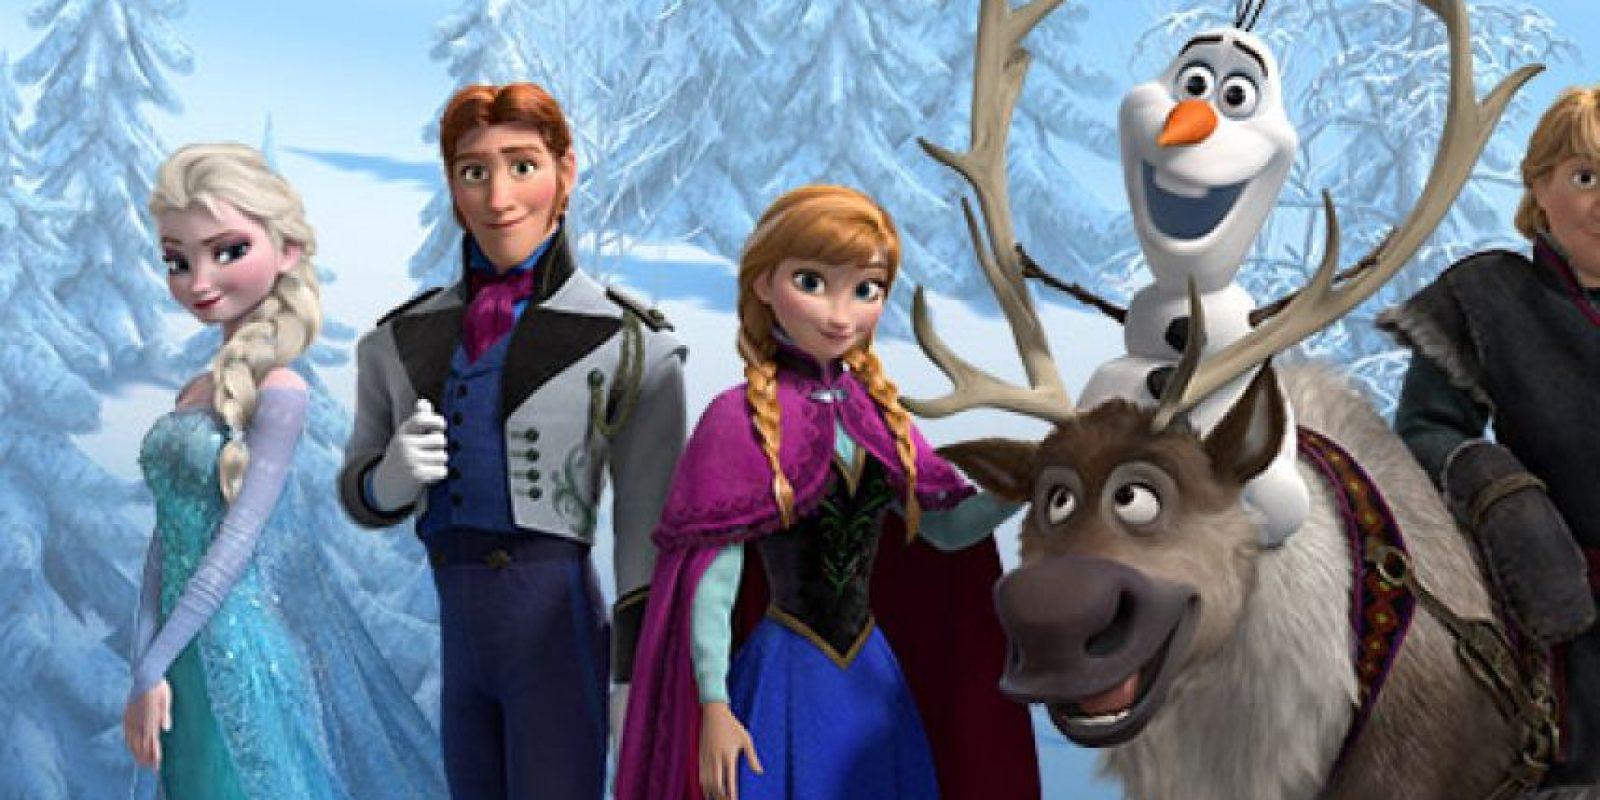 """Los personajes Hans, Kristoff, Anna y Sven llevan ese nombre en honor a Hans Christian Andersen, escritor danés autor de los cuentos """"Patito feo"""" y """"La sirenita"""". (Al nombrar los nombres de estos cuatro personajes juntos parece que se pronuncia el nombre del escritor). Foto:Facebook/Frozen"""